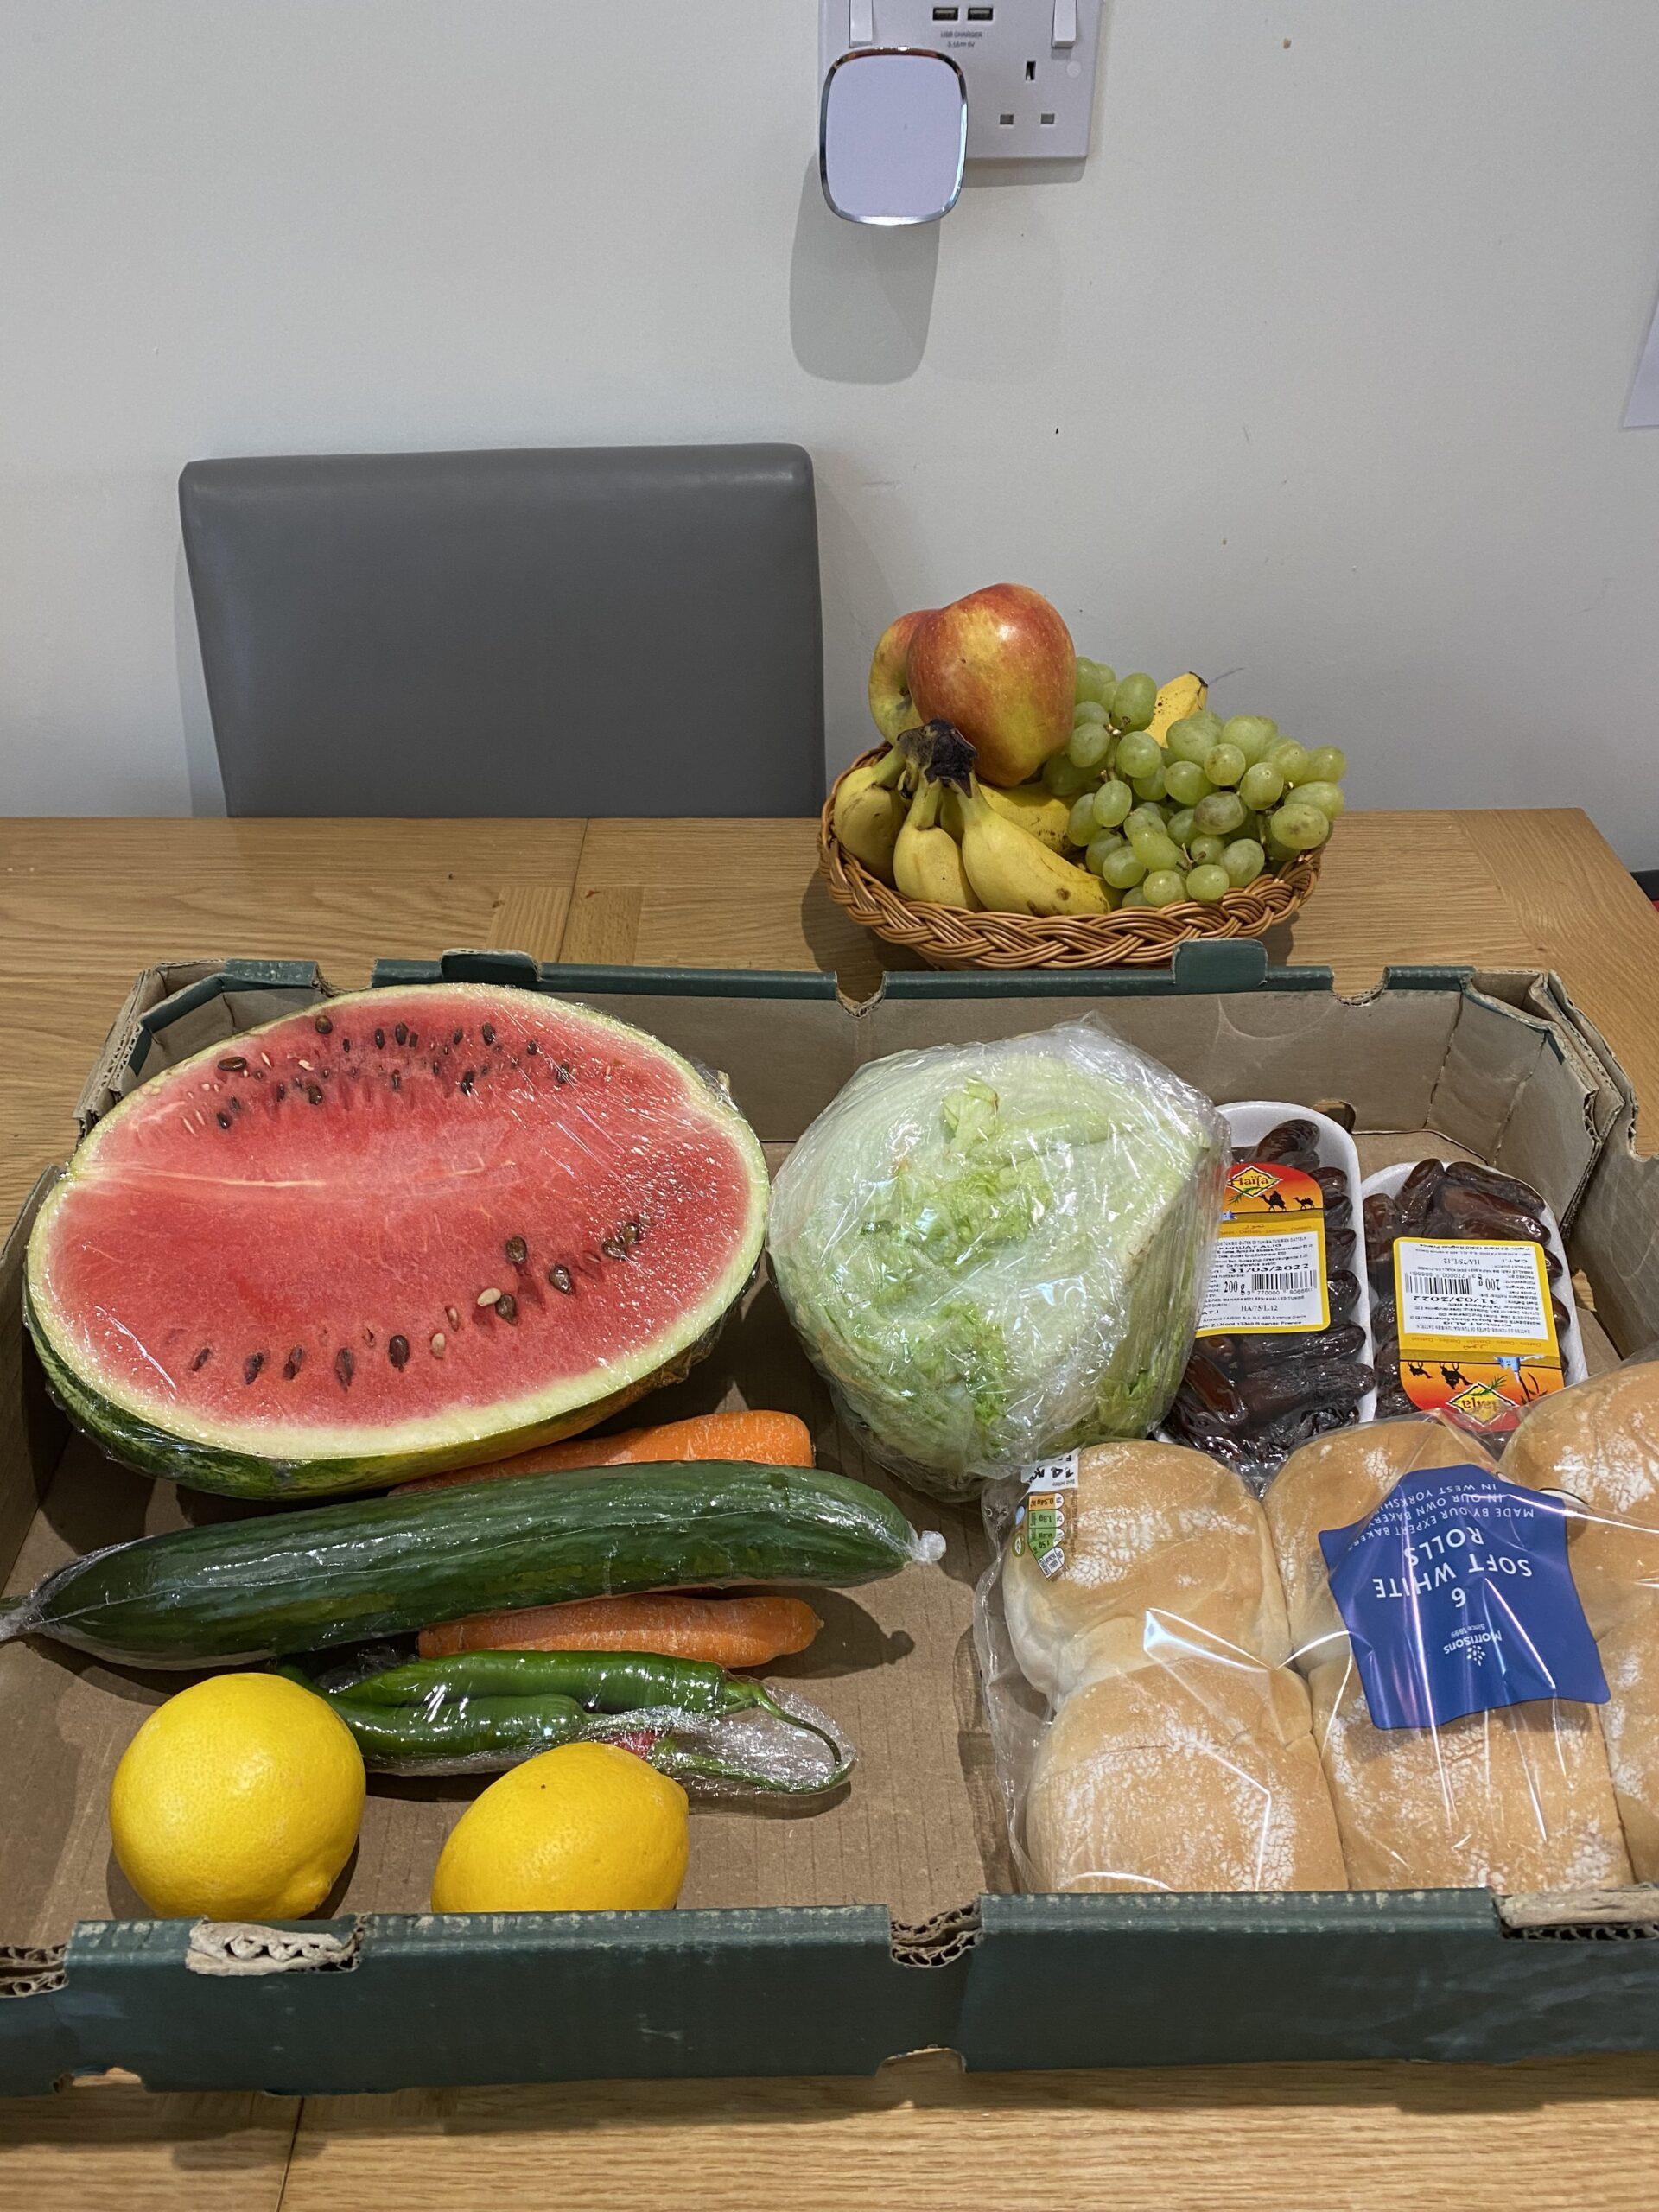 Food preparation for Eid